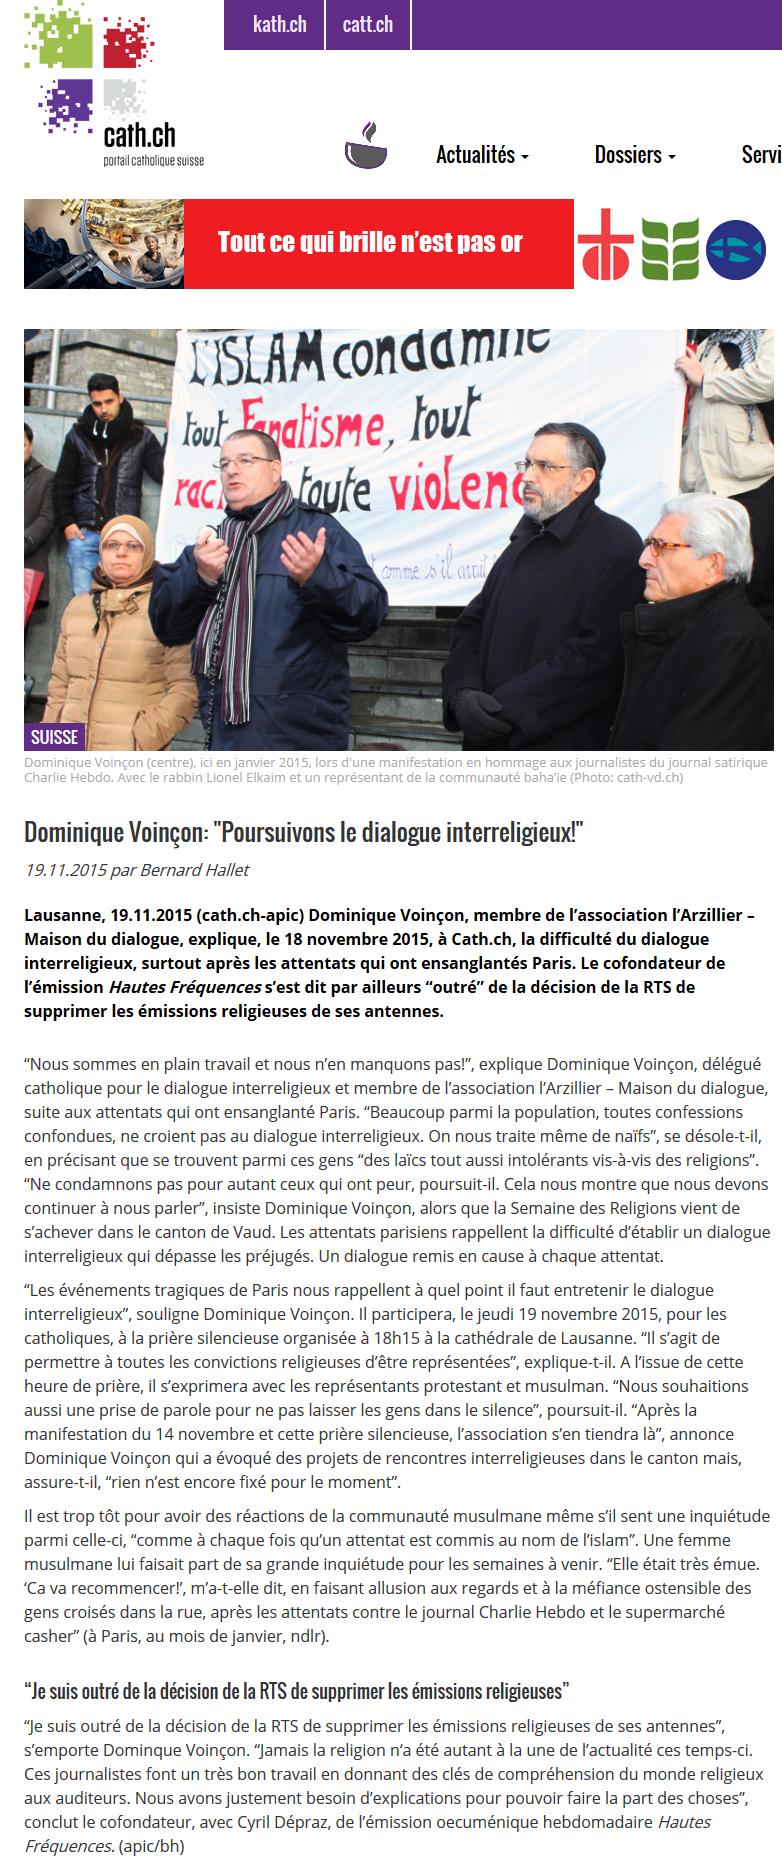 2015-11-19 Dominique Voinçon - Poursuivons le dialogue interreligieux (cath.ch)